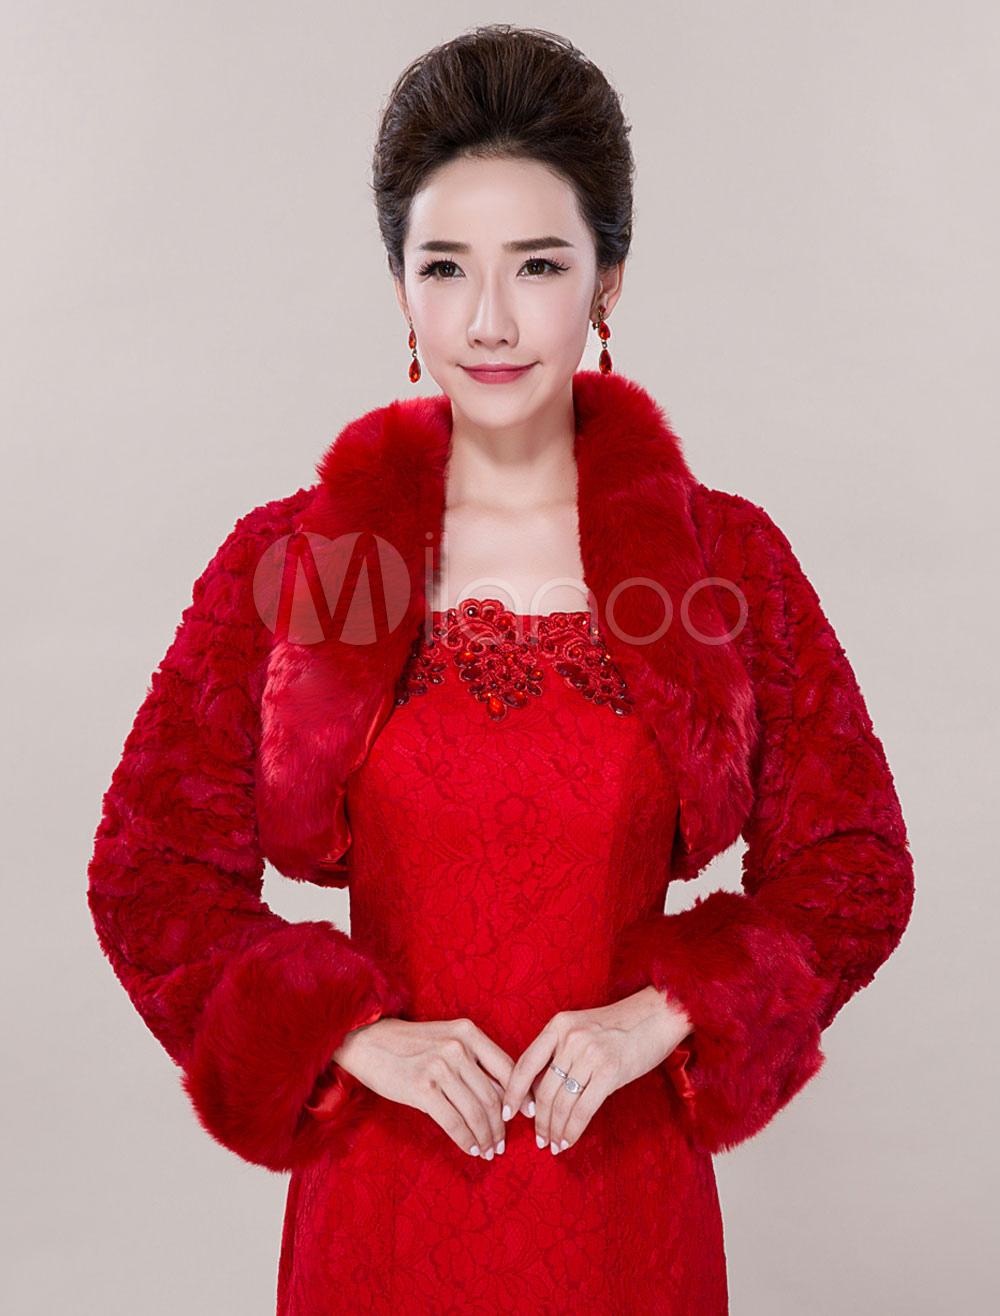 Amazoncom red bolero jacket